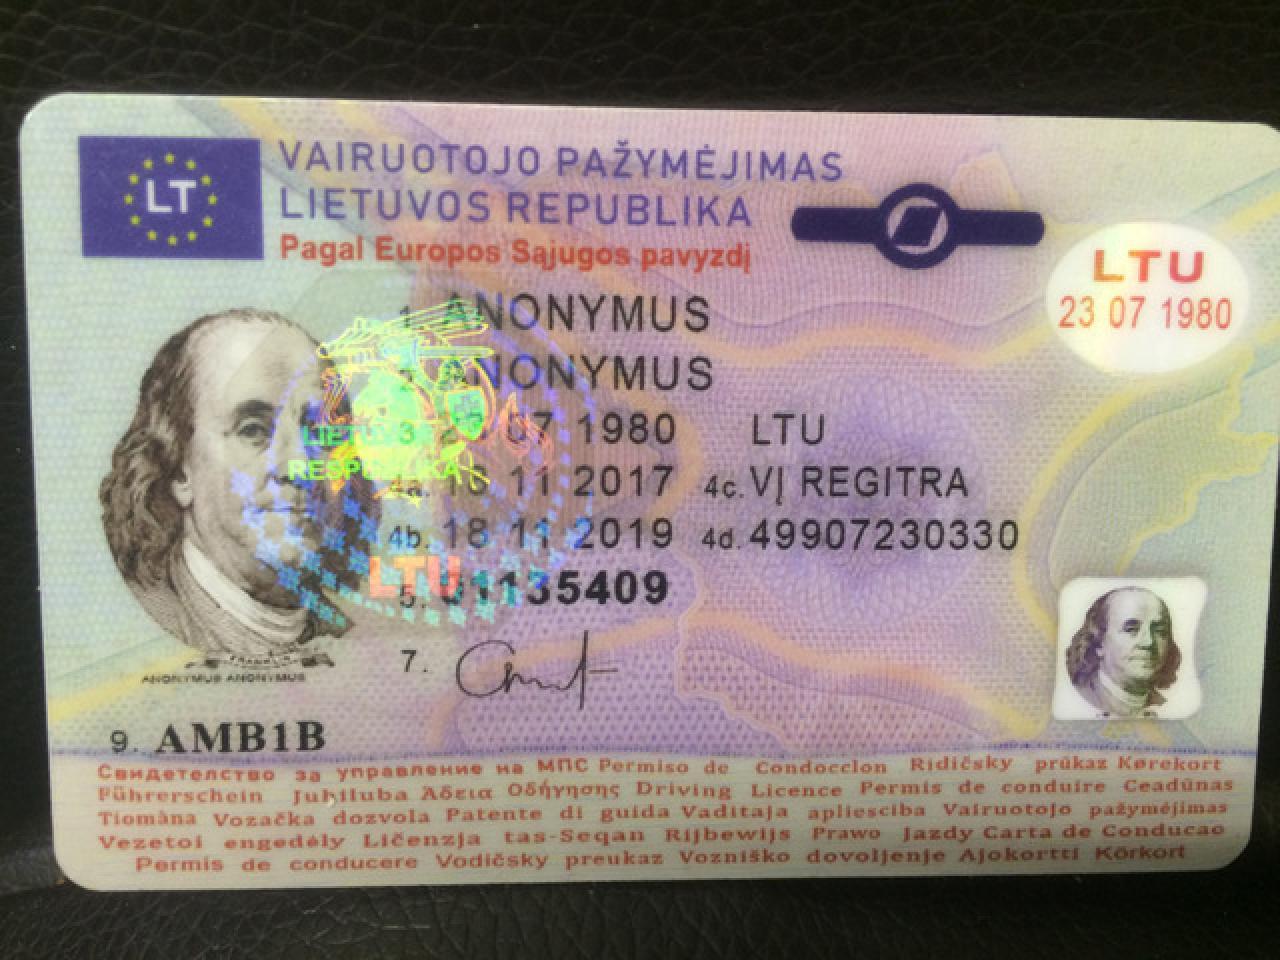 Kупить водительские удостоверение, Паспорта Документы Евросоюза - 1